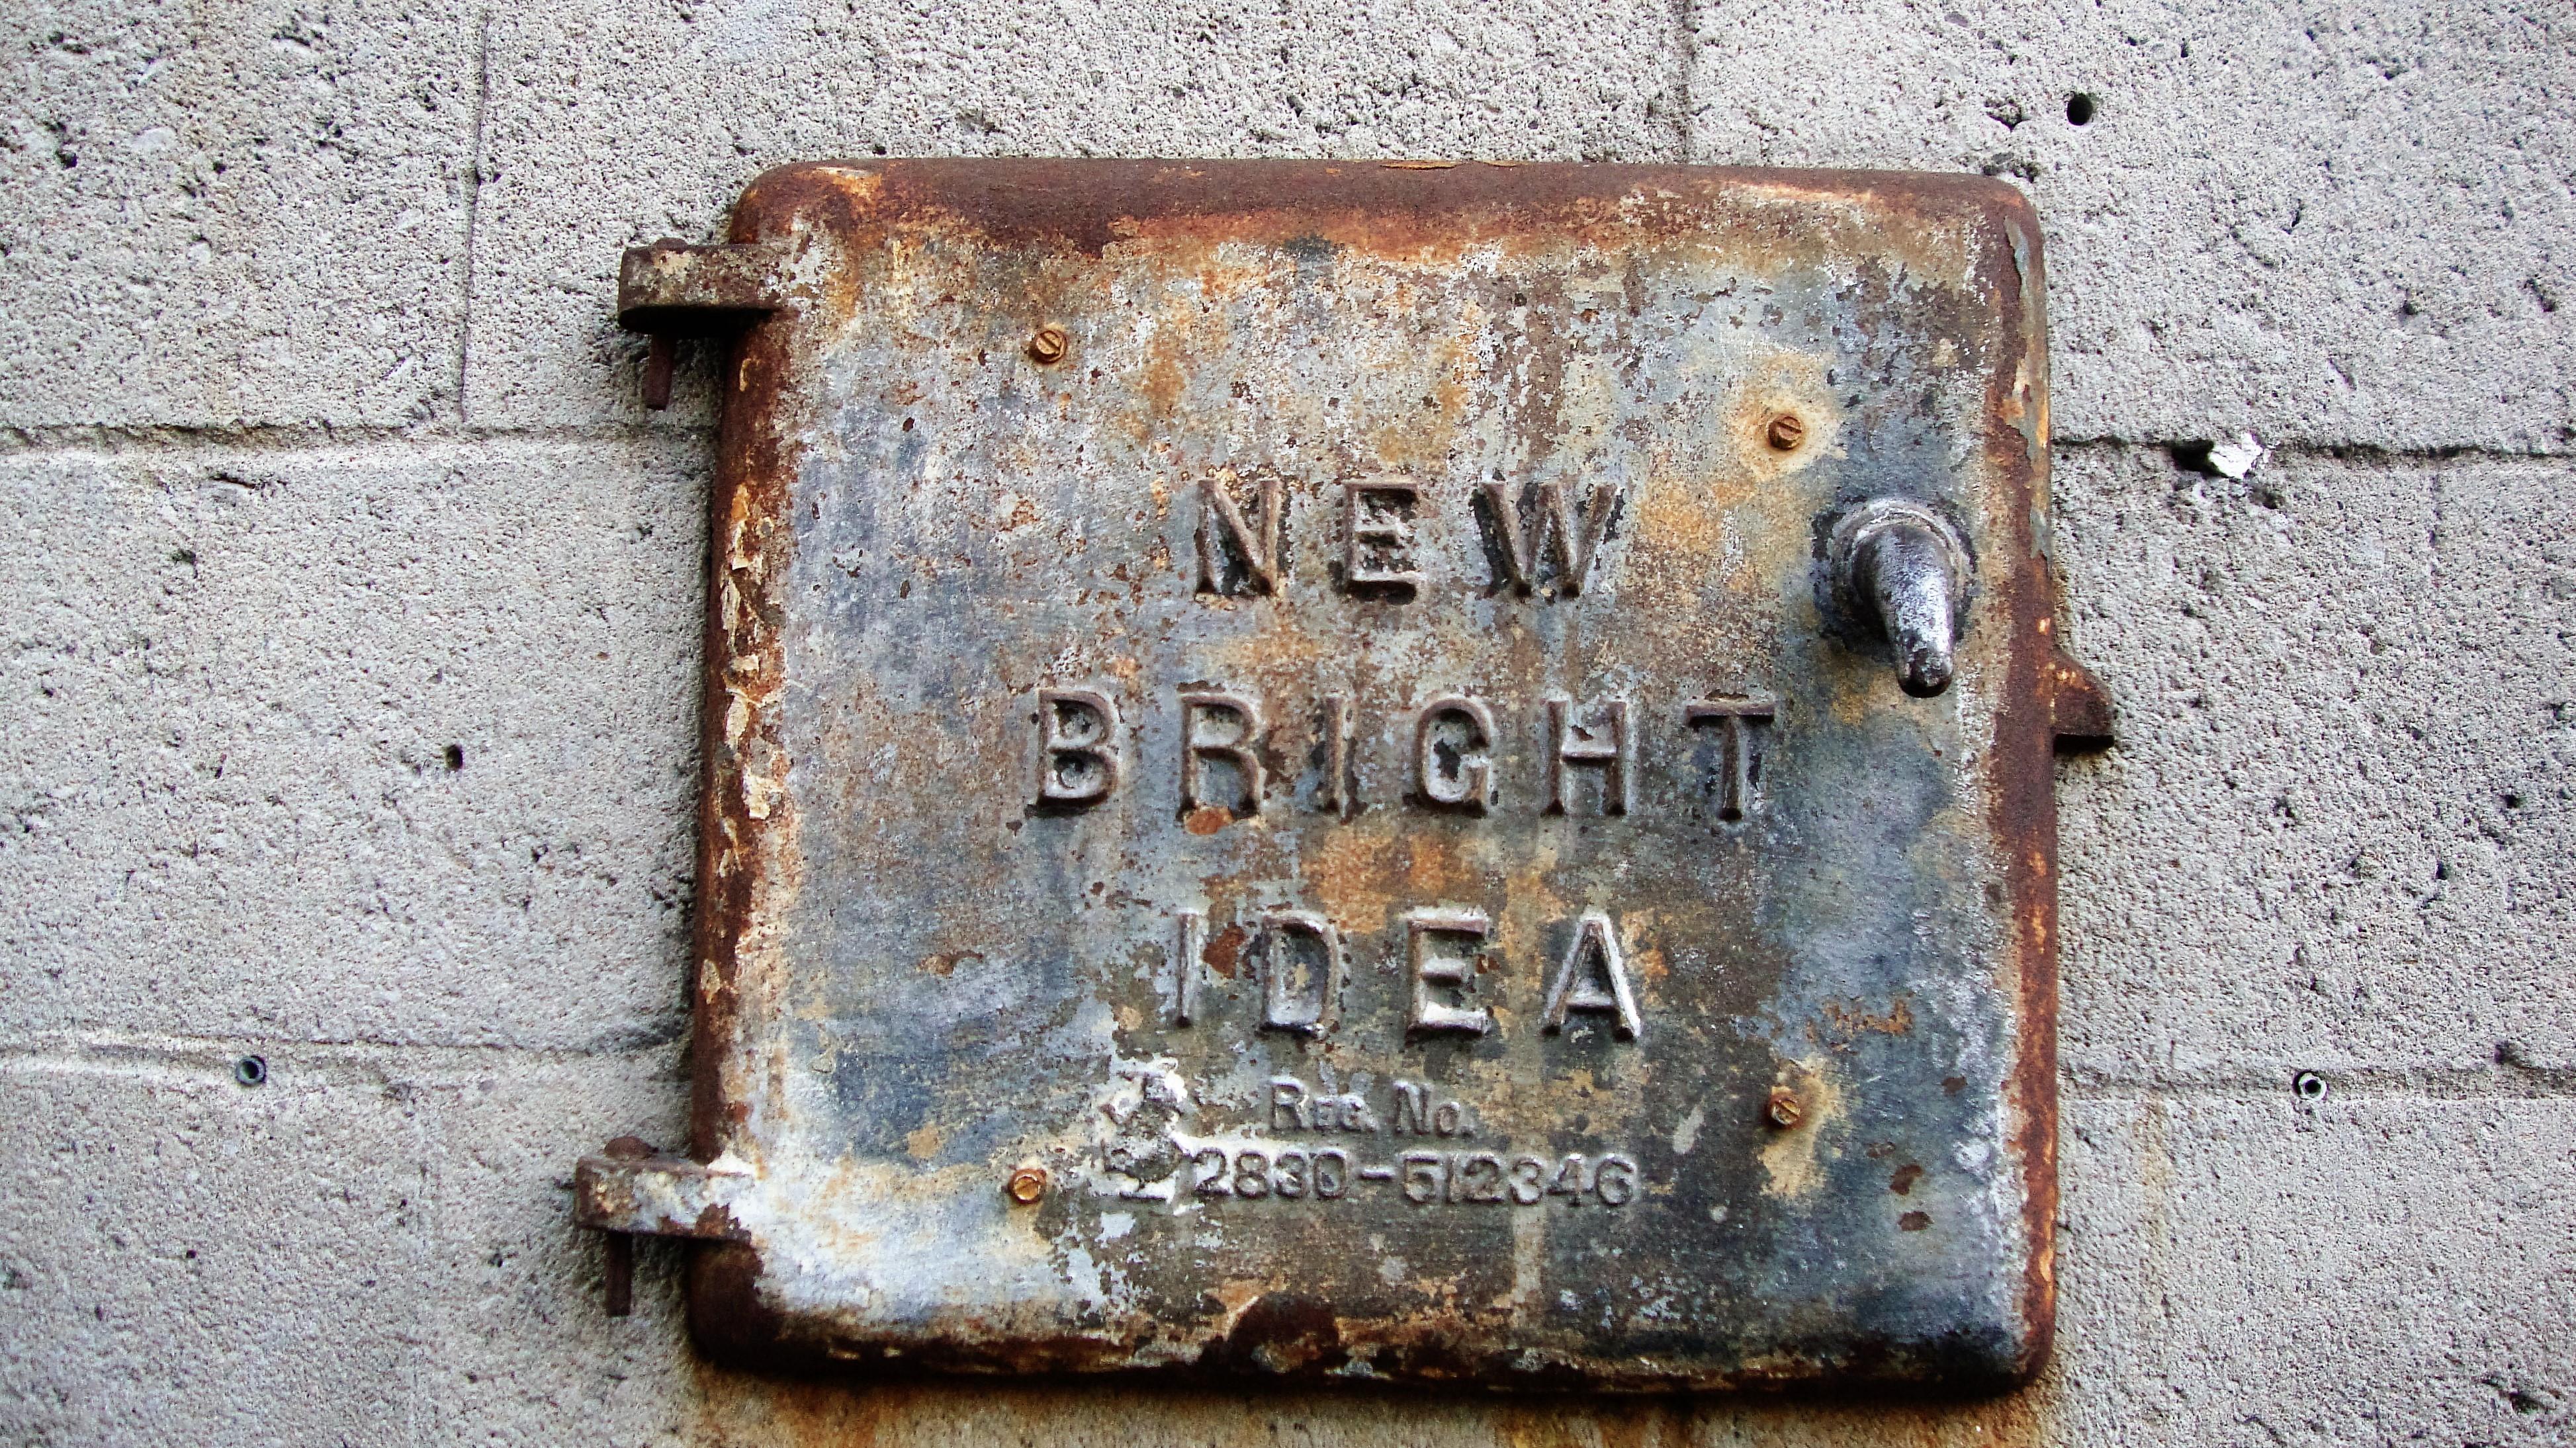 NewBrightIdeas